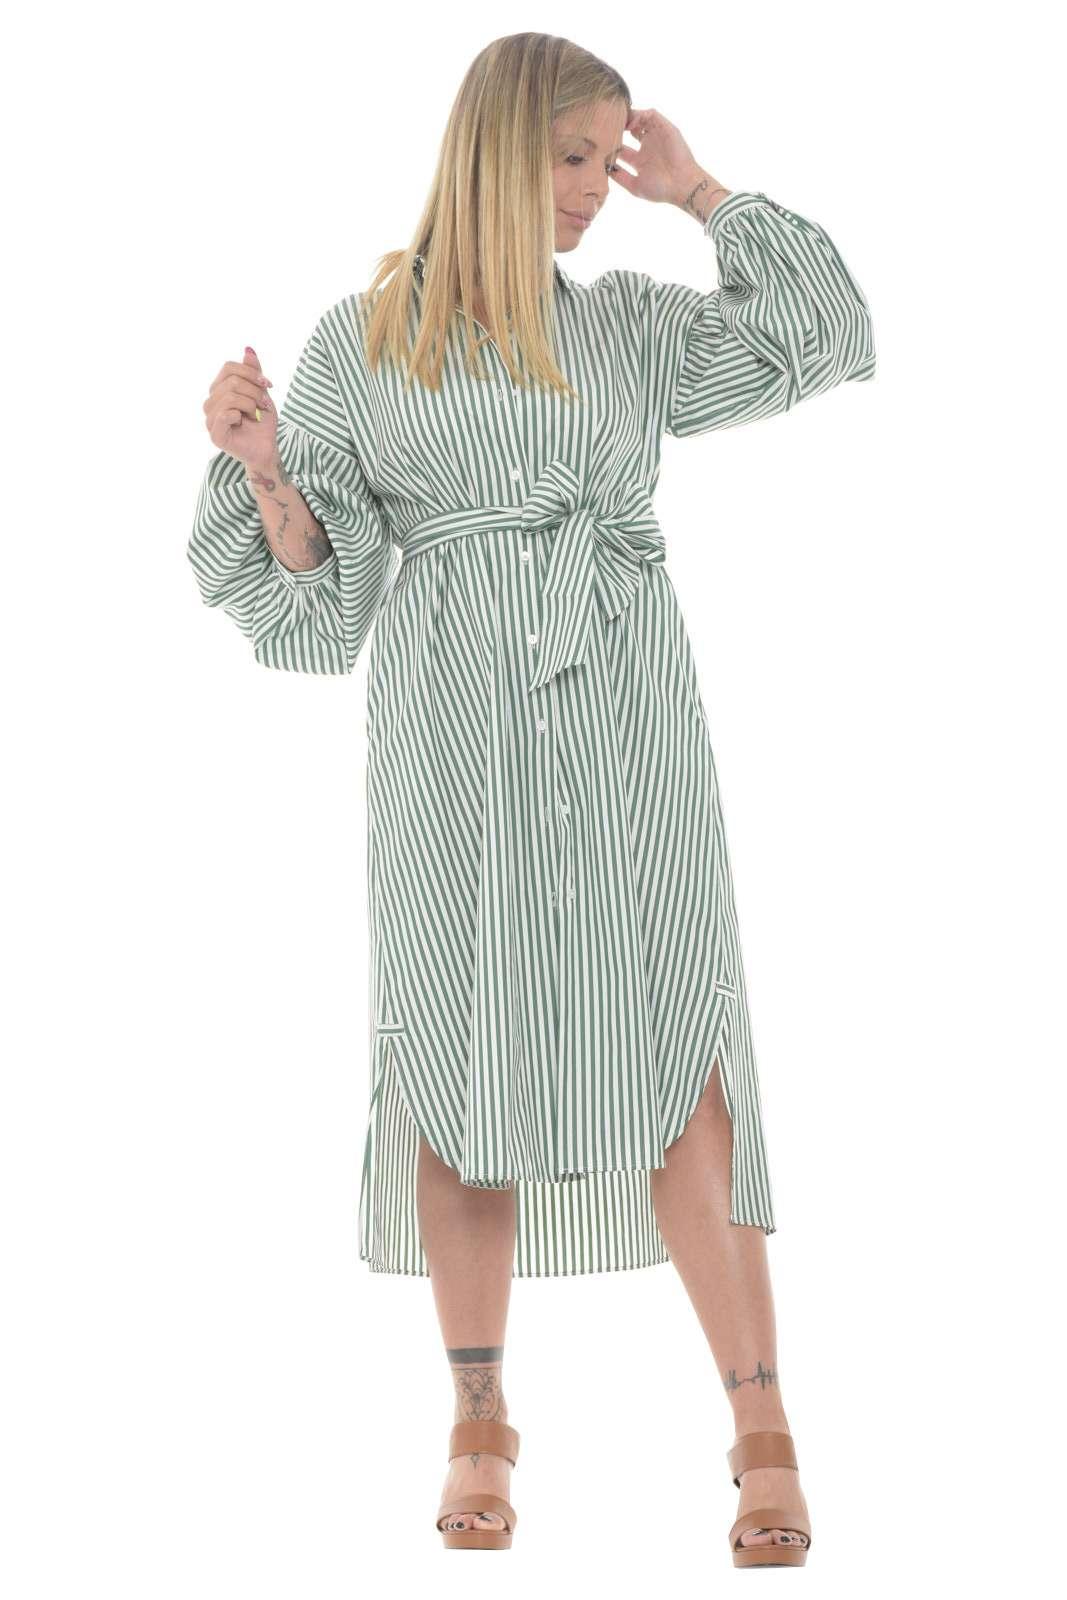 Un abito esclusivo, perfetto per la donna che ama variare i propri look, il modello RAGAZZA proposto da MaxMara per la sua nuova collezione Primavera estate. Fresco e leggero, risulterà morbido una volta indossato, e sarà l'ideale per look quotidiani sempre al passo con la moda del momento.